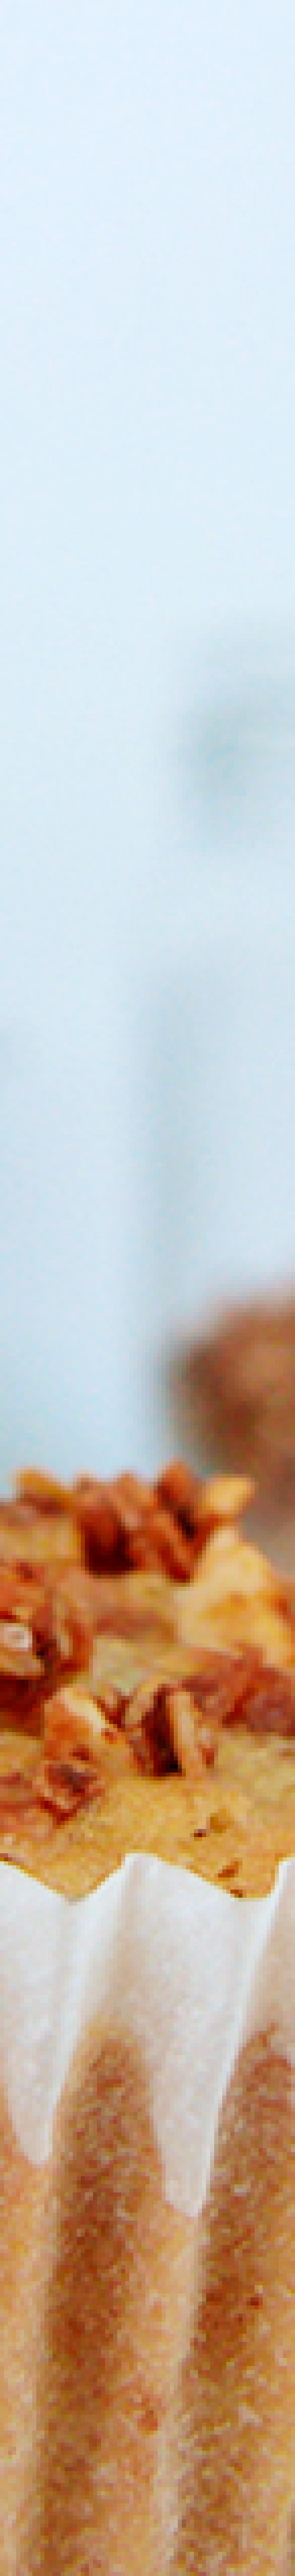 muffins-de-pera-y-granola-03b